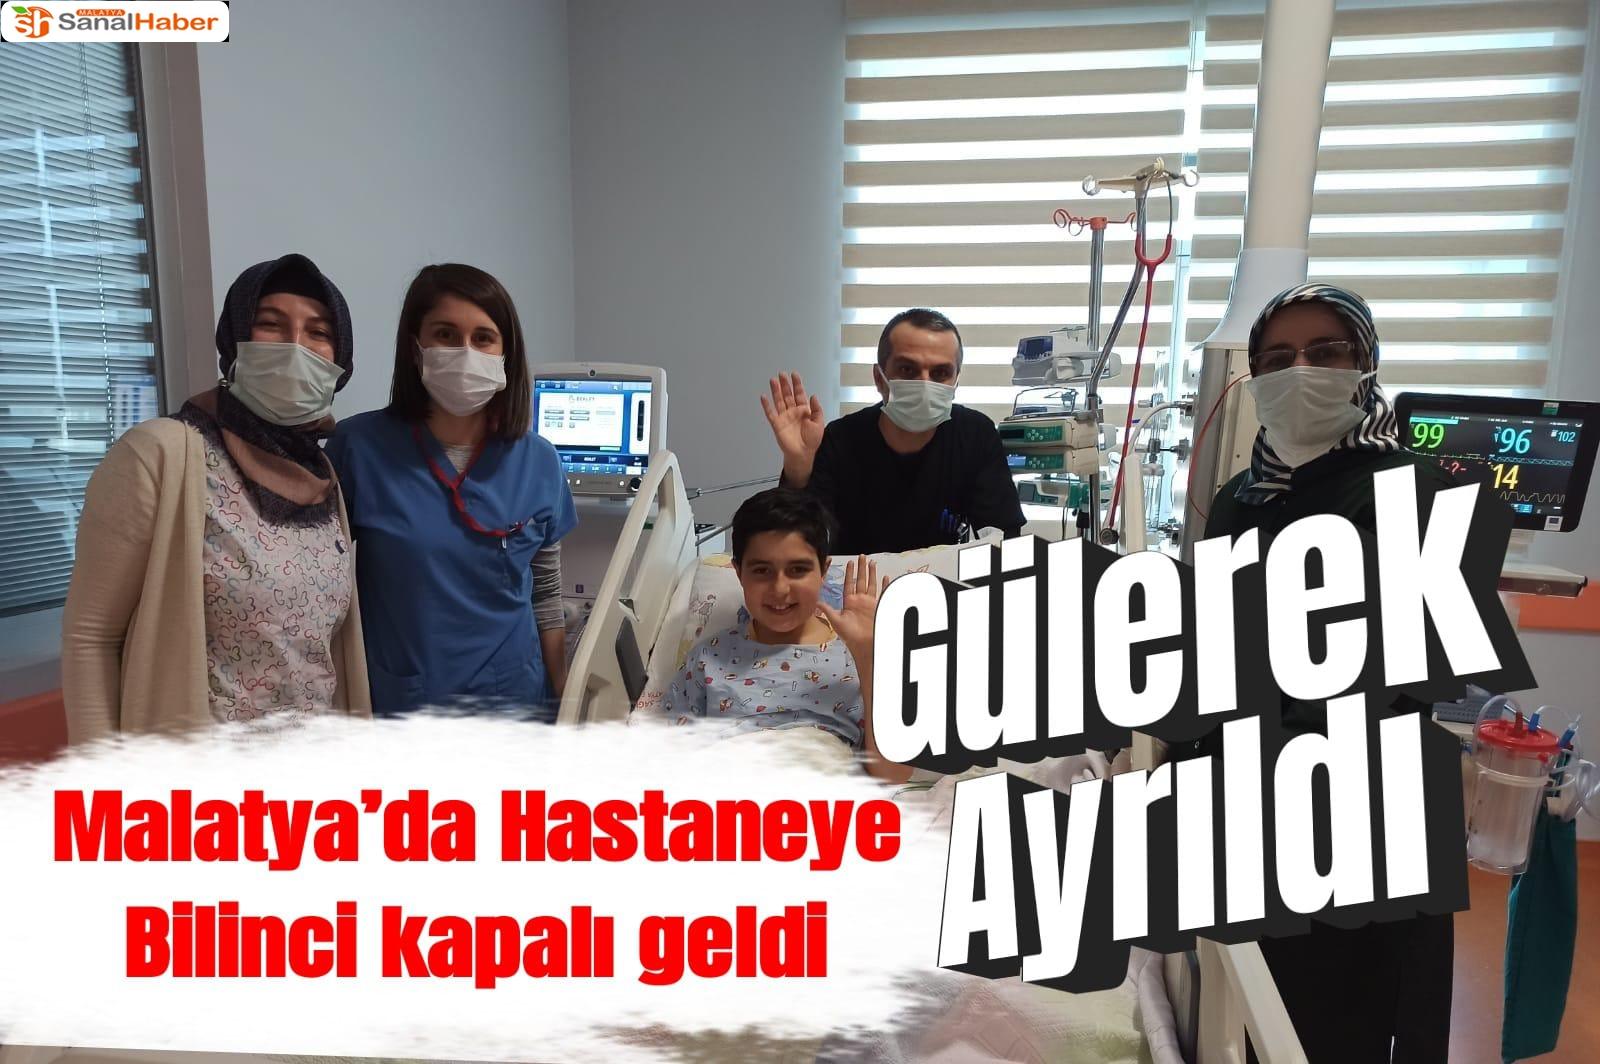 Malatya'da Hastaneye bilinci kapalı geldi gülerek ayrıldı